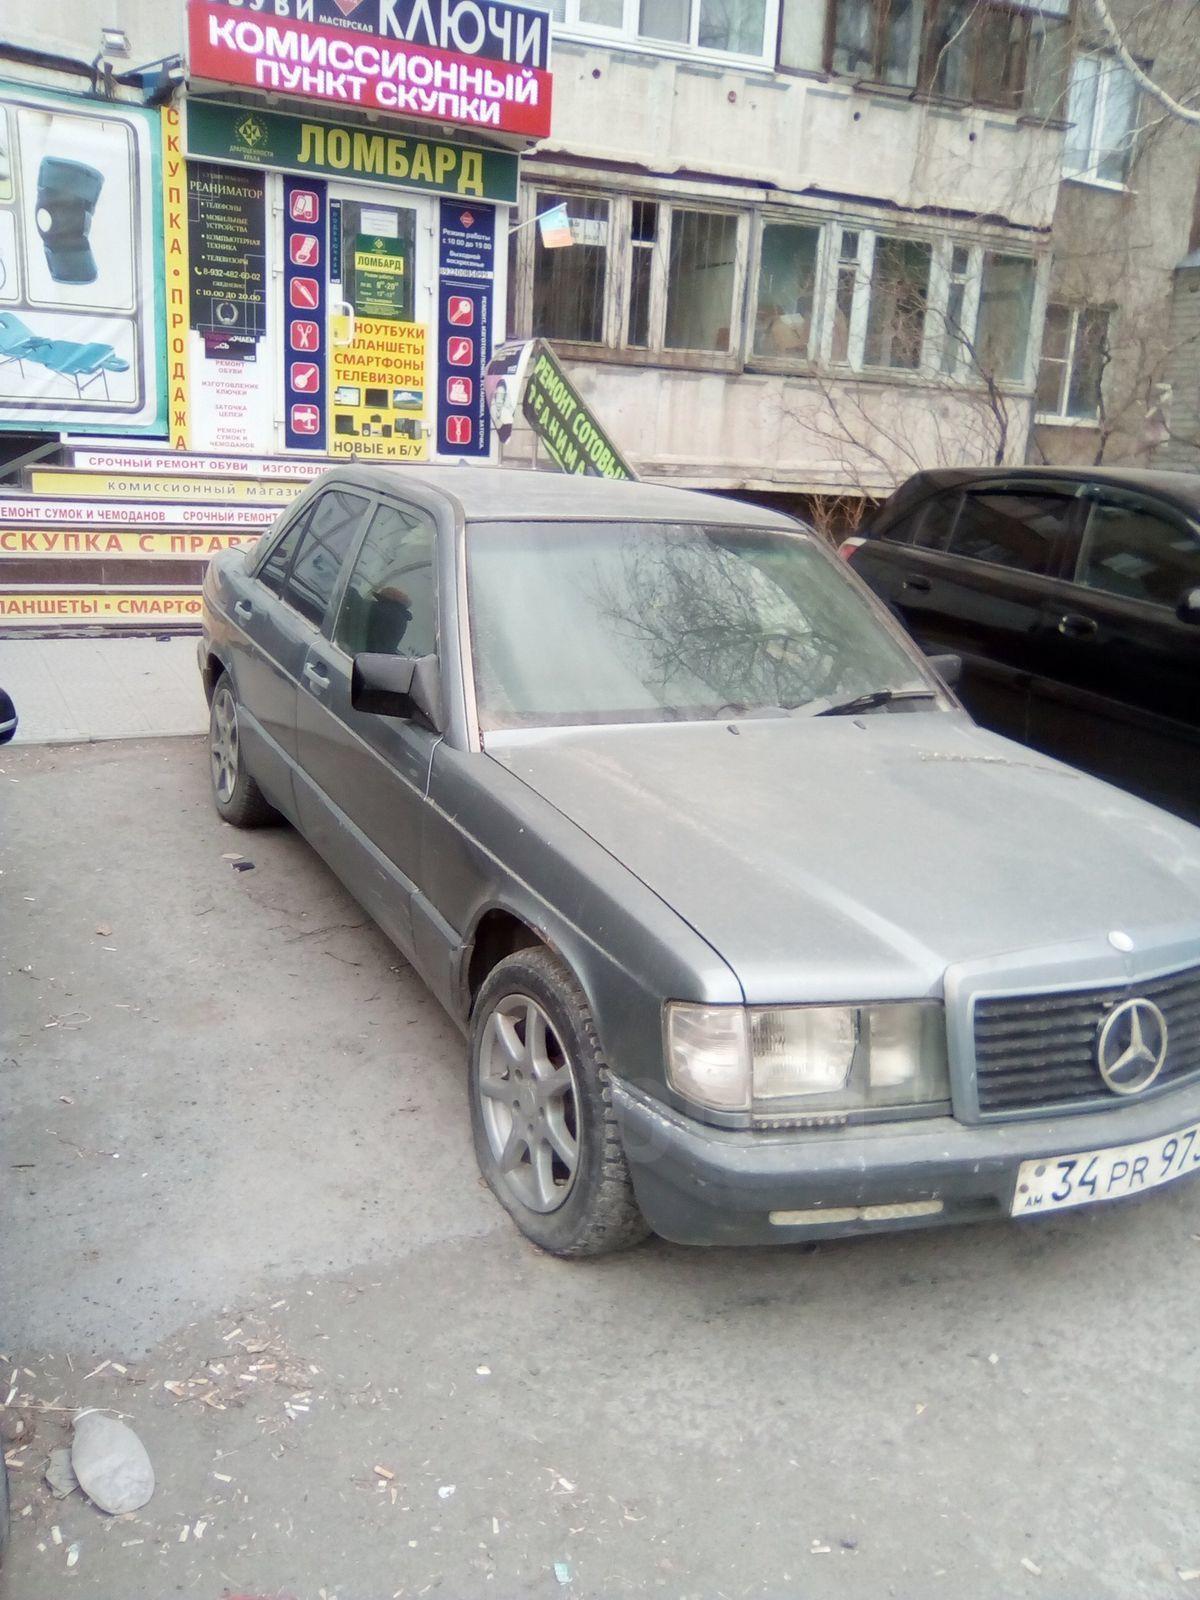 Купить авто у ломбарда в тюмени наклейка на авто за деньги челябинск